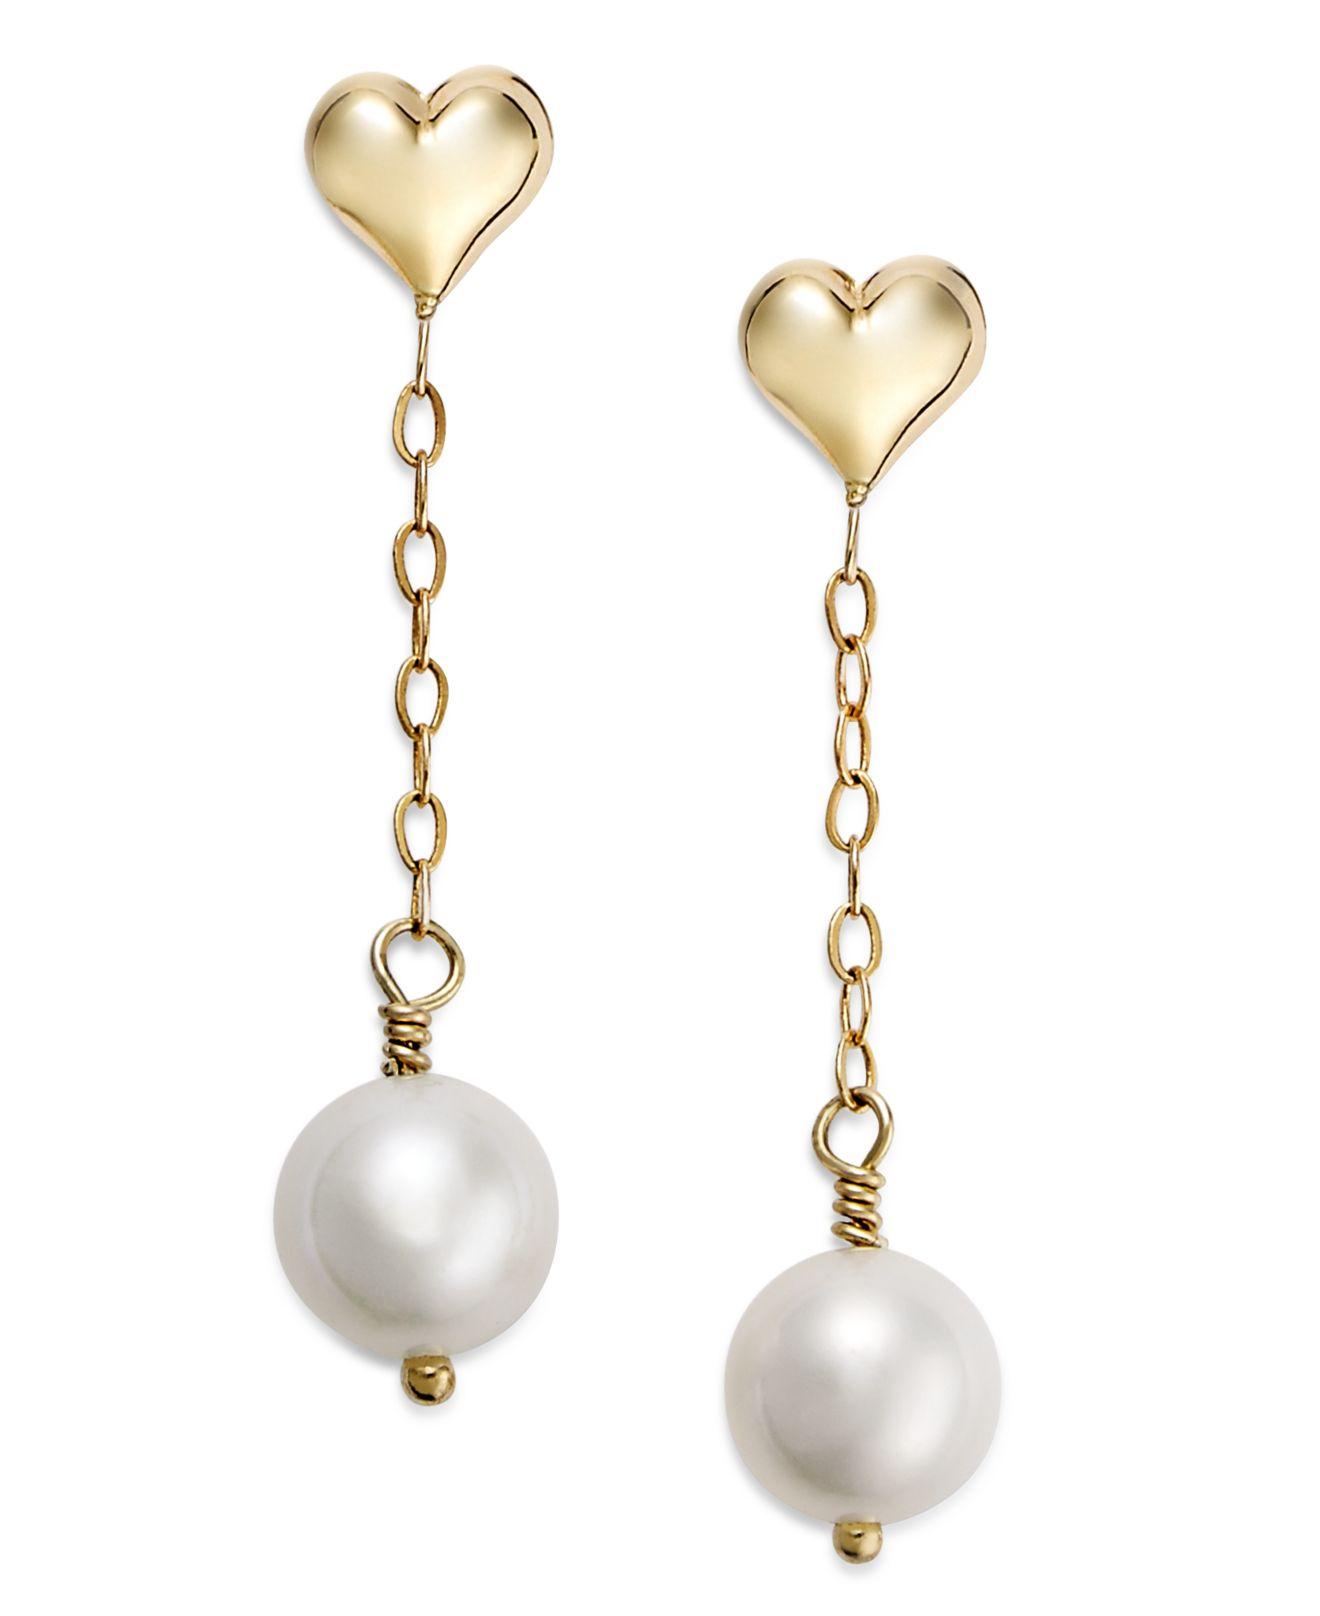 Macy S Pearl Earrings 14k Gold Cultured Freshwater Heart